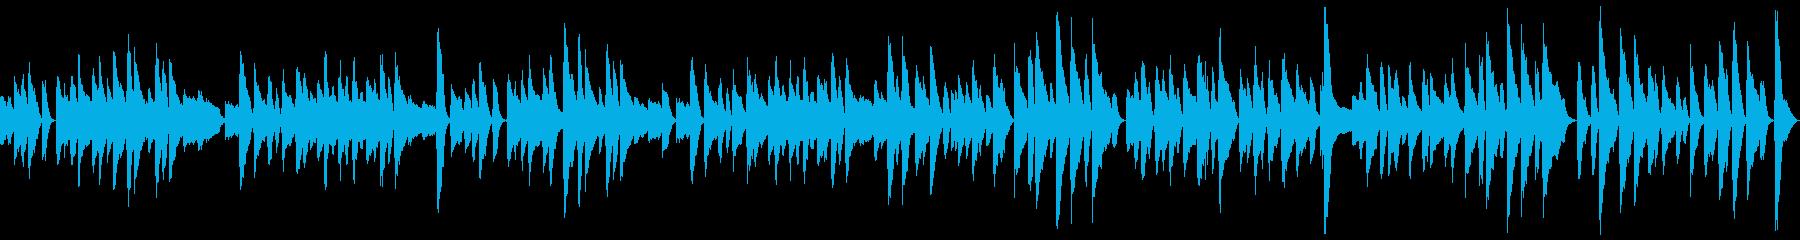 ループ ピアノソロのコミカルなラグタイムの再生済みの波形